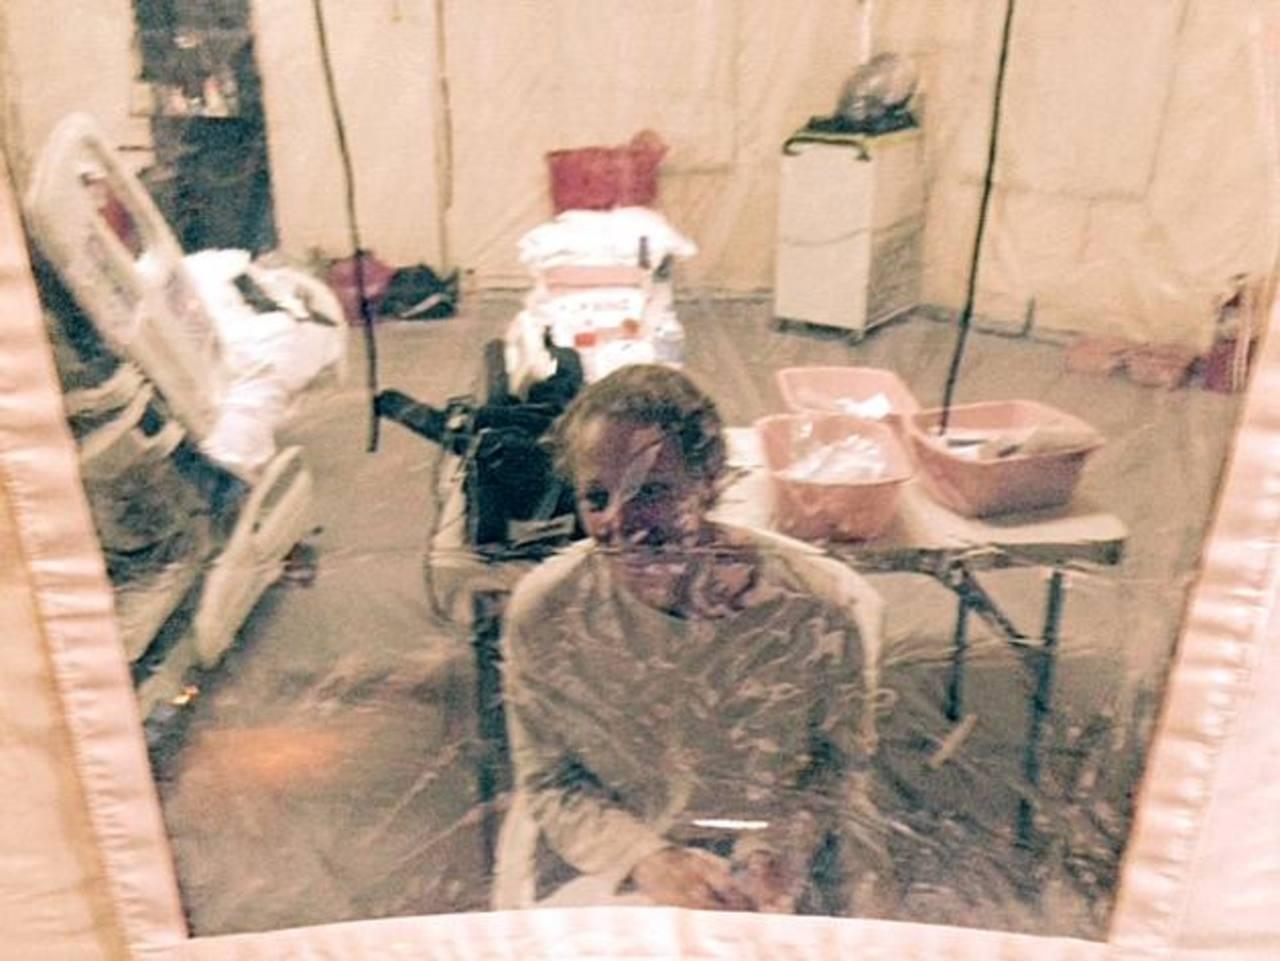 La enfermera Kaci Hickox en una tienda de campaña de aislamiento en el Hospital Universitario de Newark, Nueva Jersey.